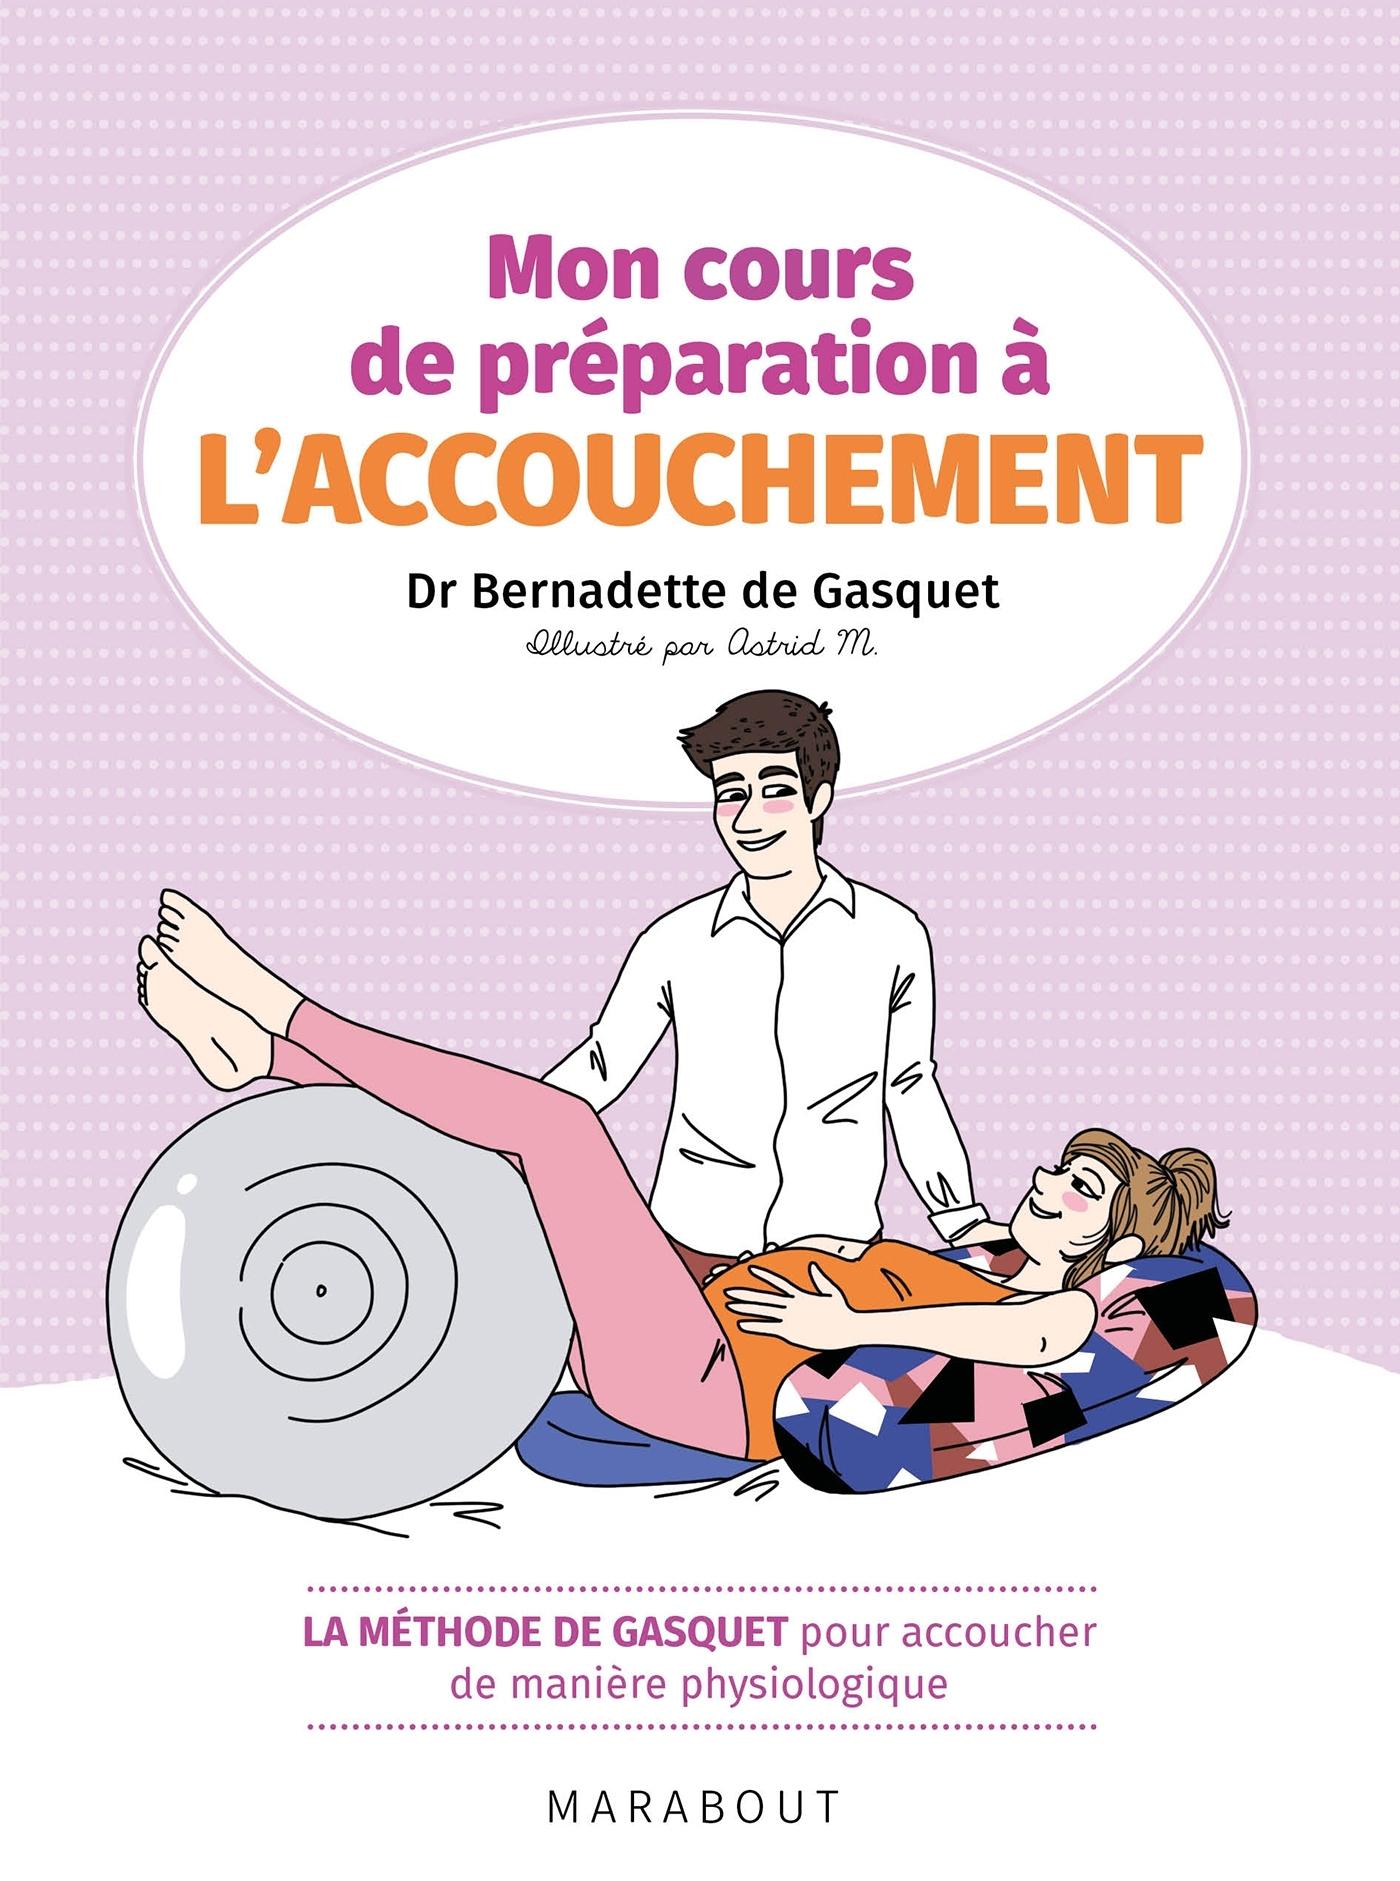 MON COURS DE PREPARATION A L'ACCOUCHEMENT - LA METHODE DE GASQUET POUR ACCOUCHER DE MANIERE NATURELL